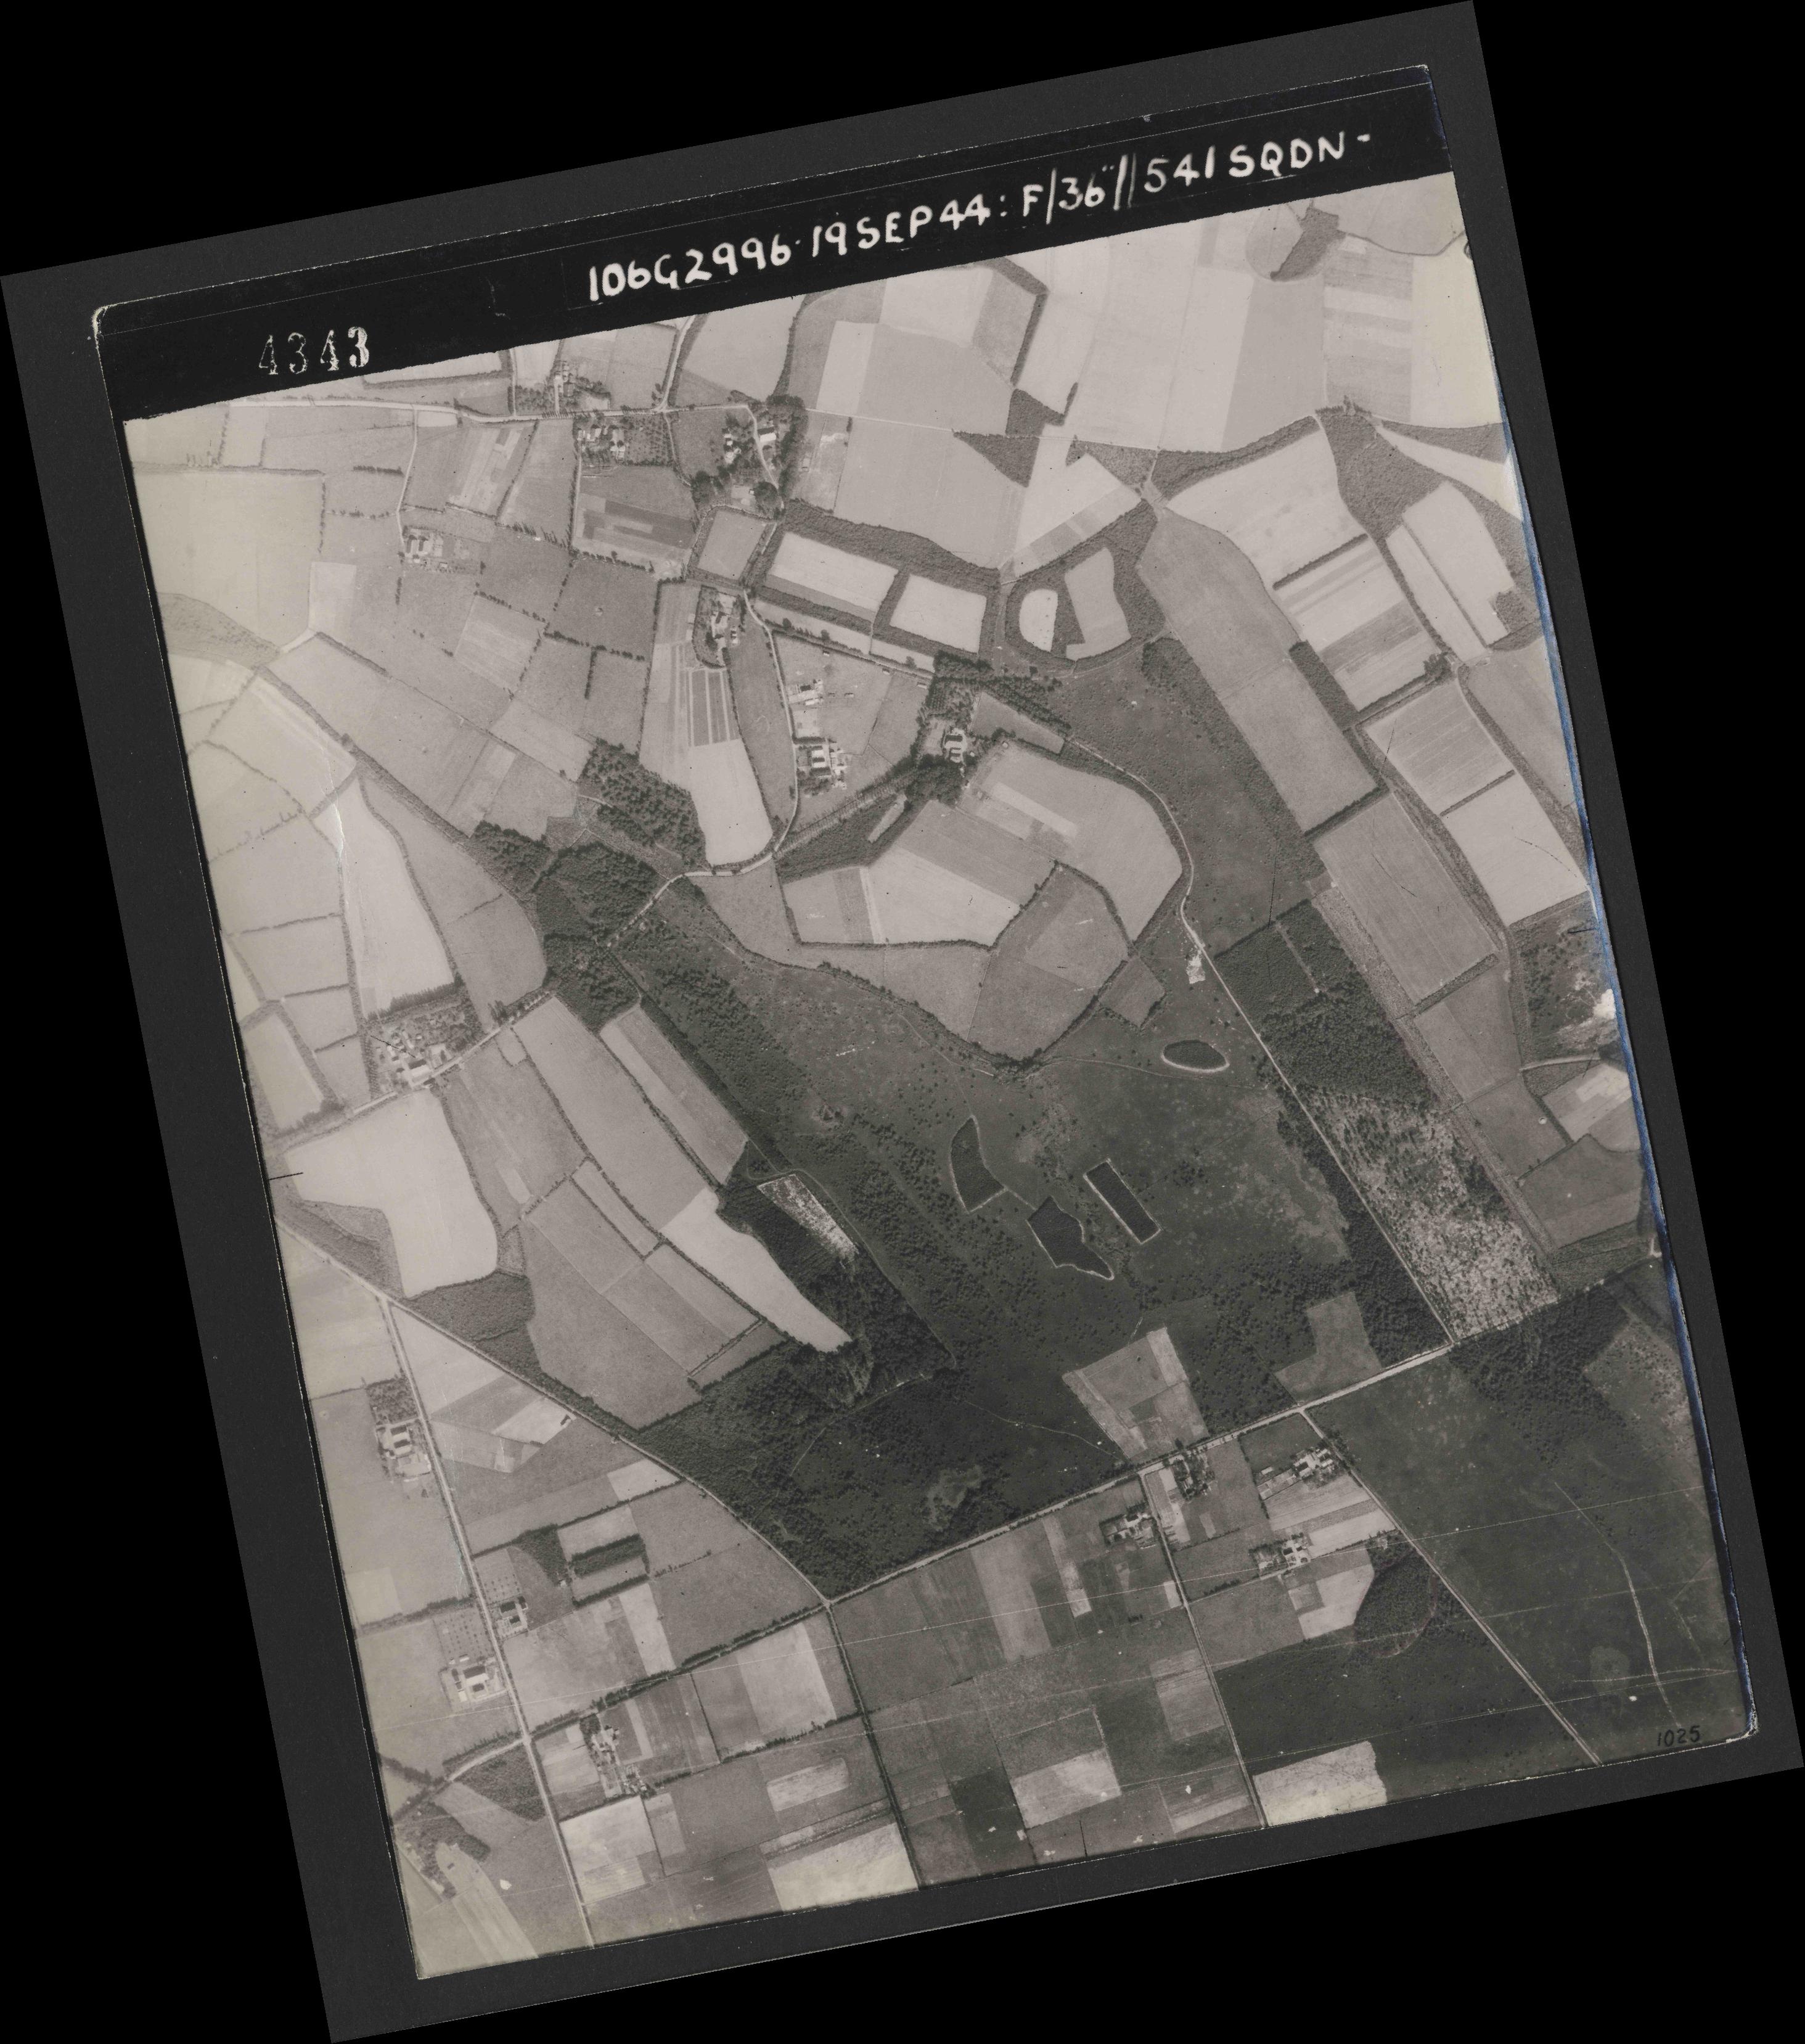 Collection RAF aerial photos 1940-1945 - flight 193, run 01, photo 4343